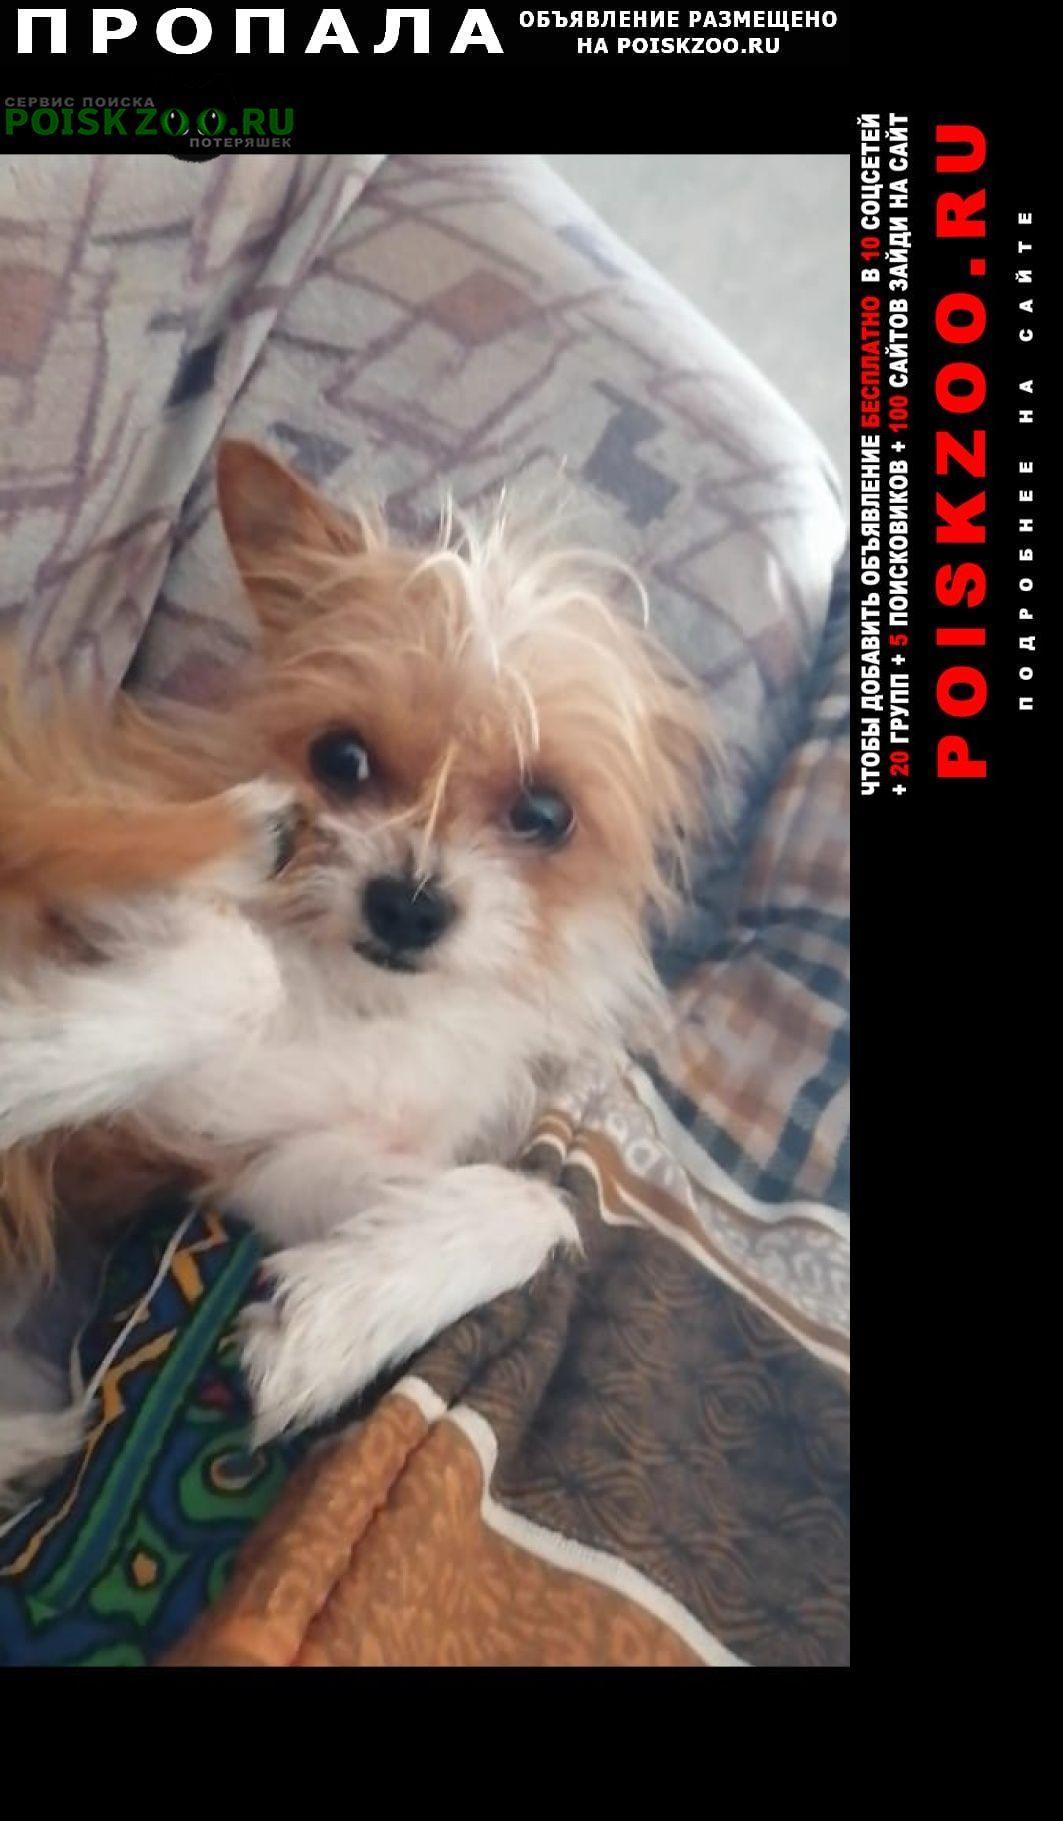 Пропала собака за любую информацию вознаграждение Барнаул